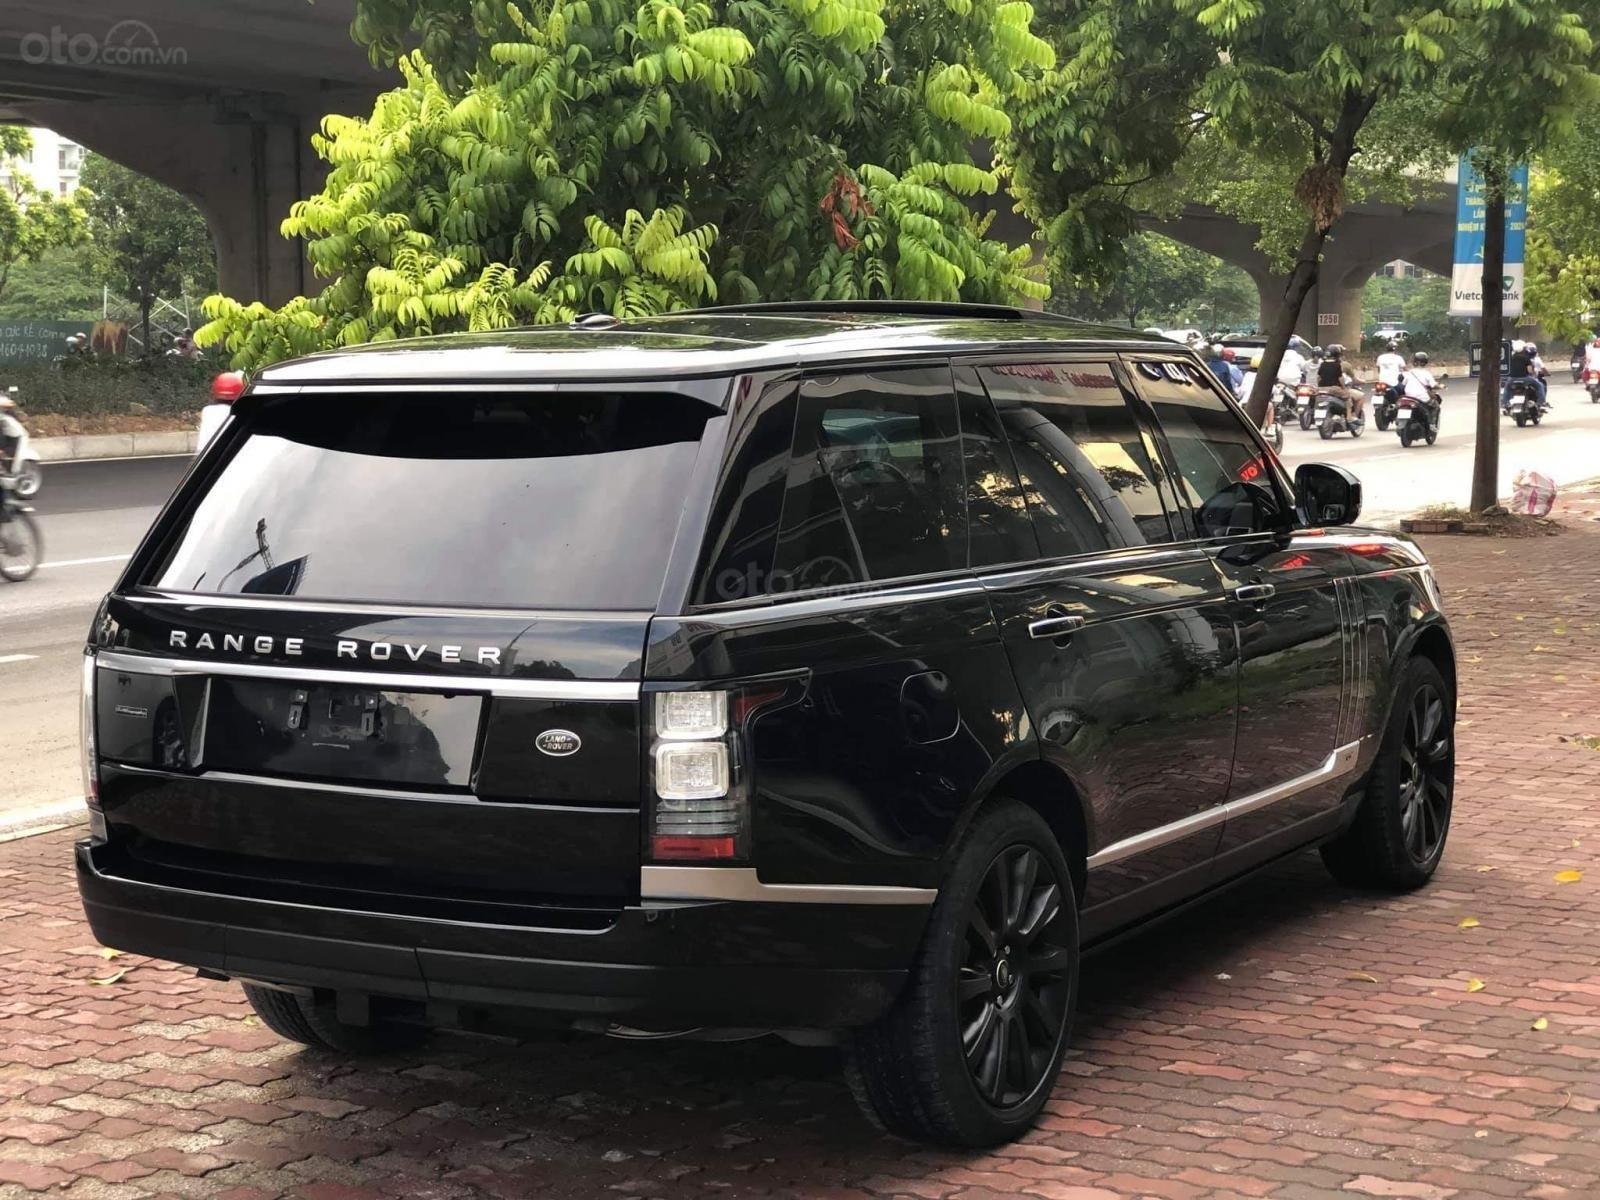 Bán Range Rover Autobiography LWB 5.0L 2014, bản 4 ghế vip, đăng kí lần đầu 2017-2